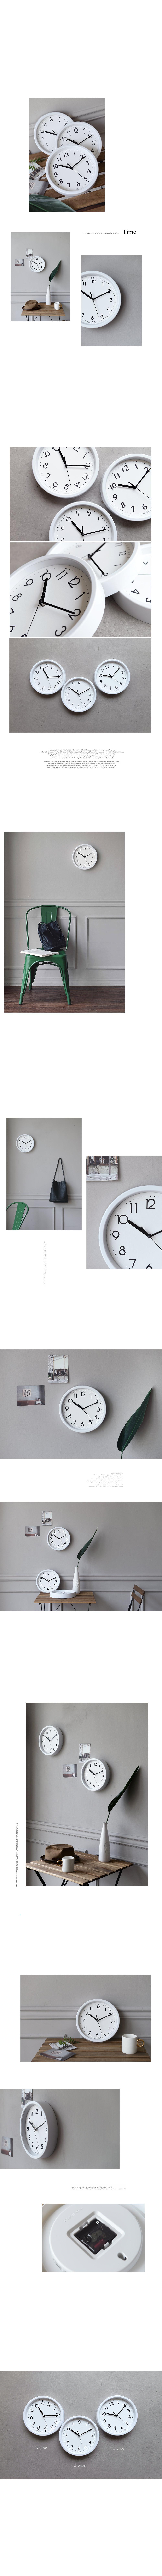 250파이 모던라운드 저소음 벽시계(3style) - 안나하우스, 15,500원, 벽시계, 모던